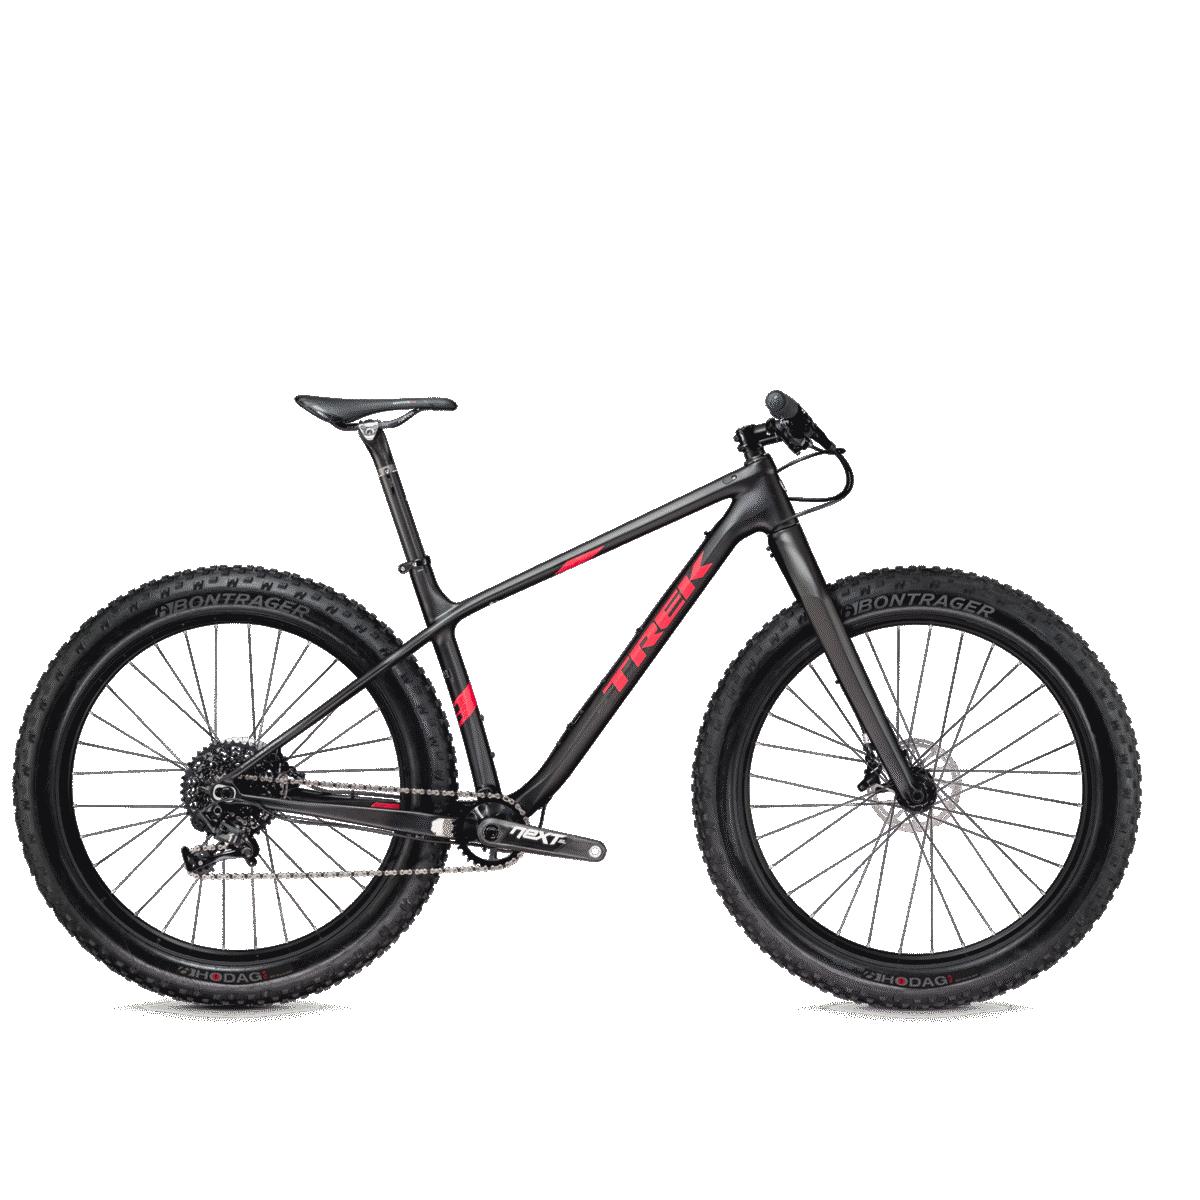 Farley 9 8 Farley Trail Mountain Bikes Mountain Bikes